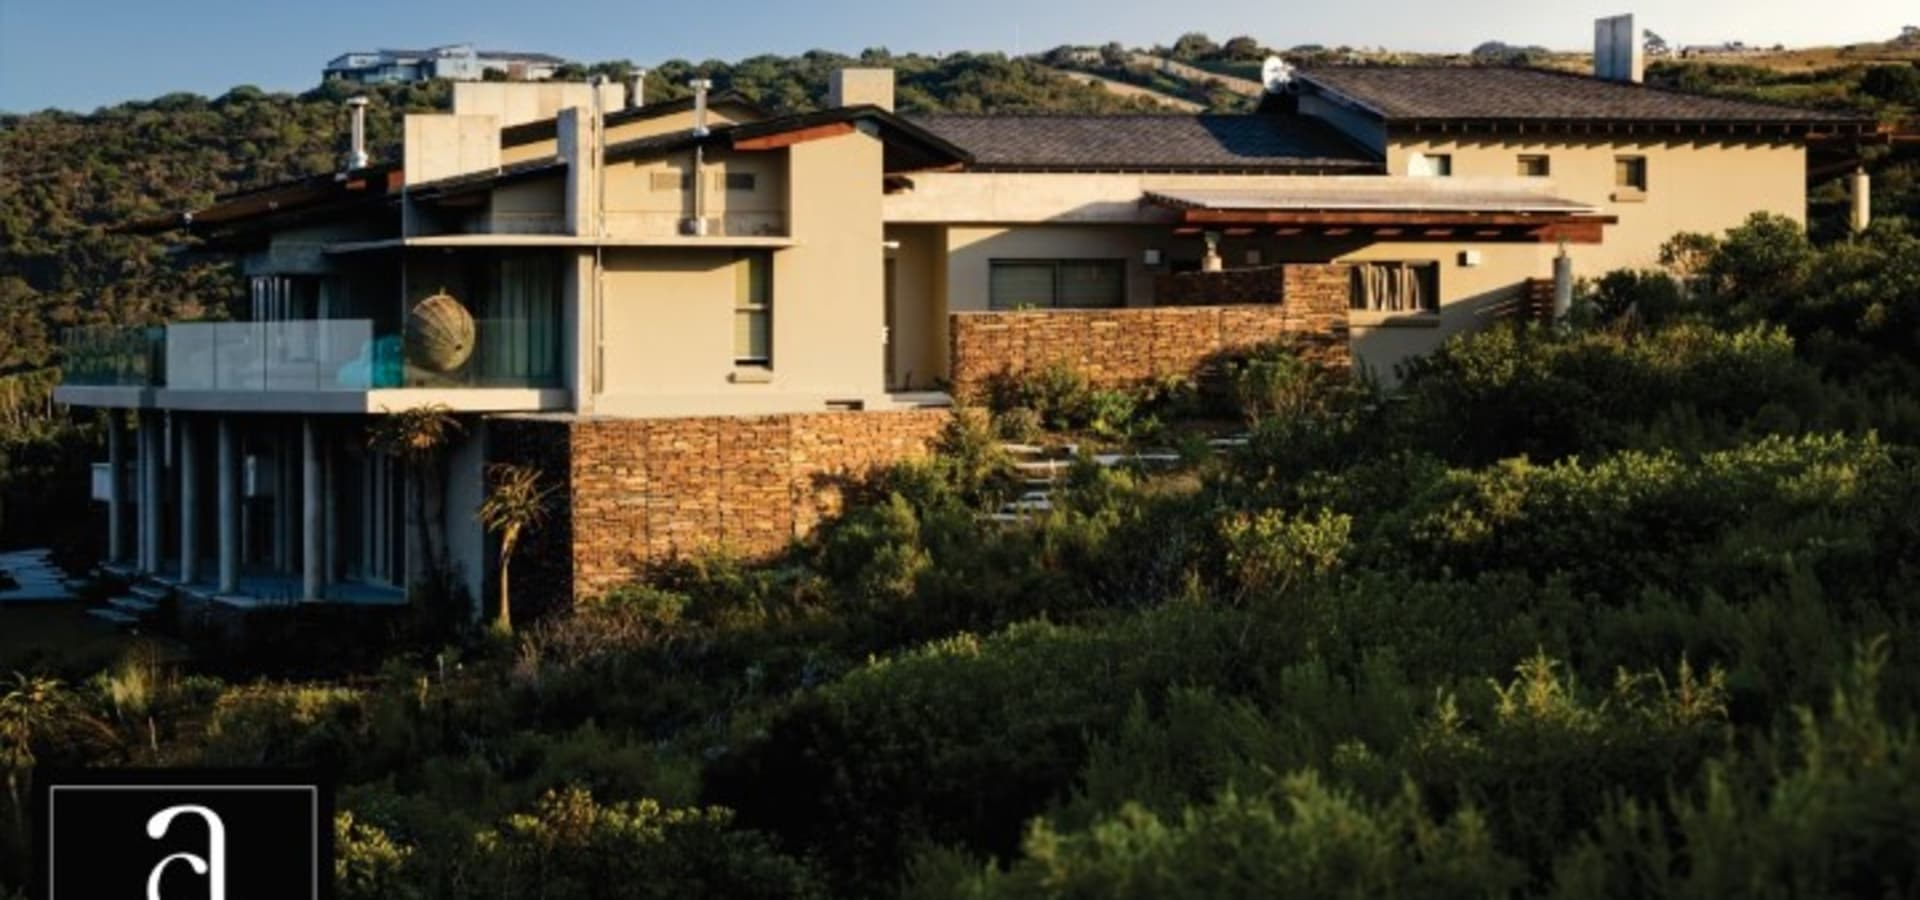 Coetzee Alberts Architects